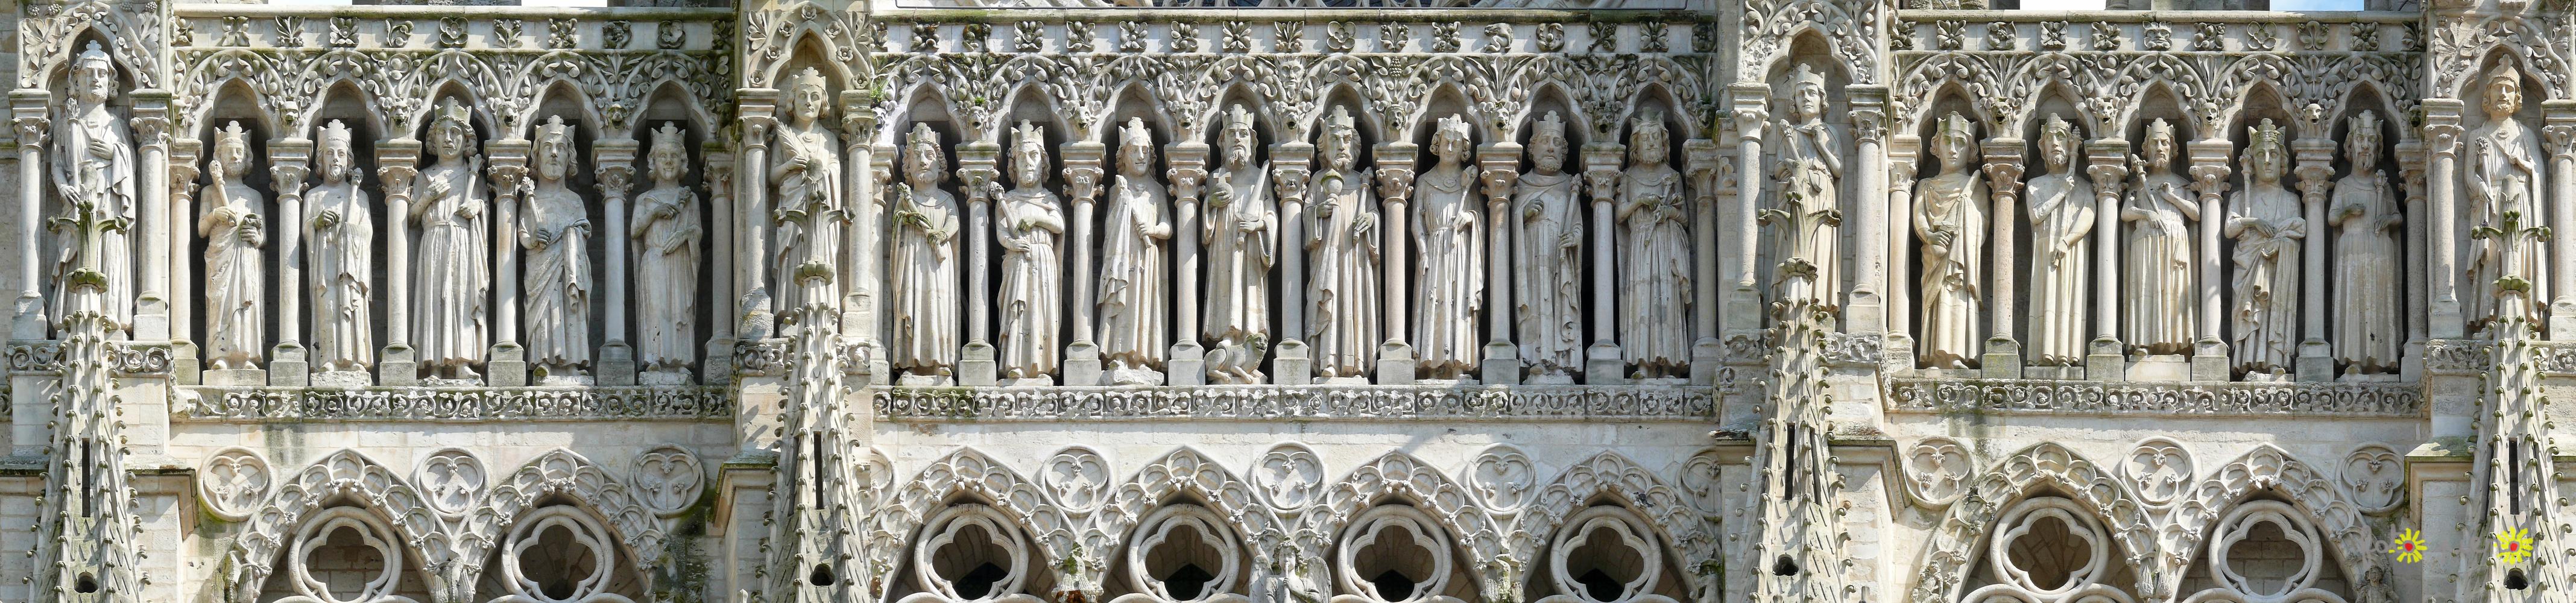 La galerie des rois, cathèdrale d'Amiens.